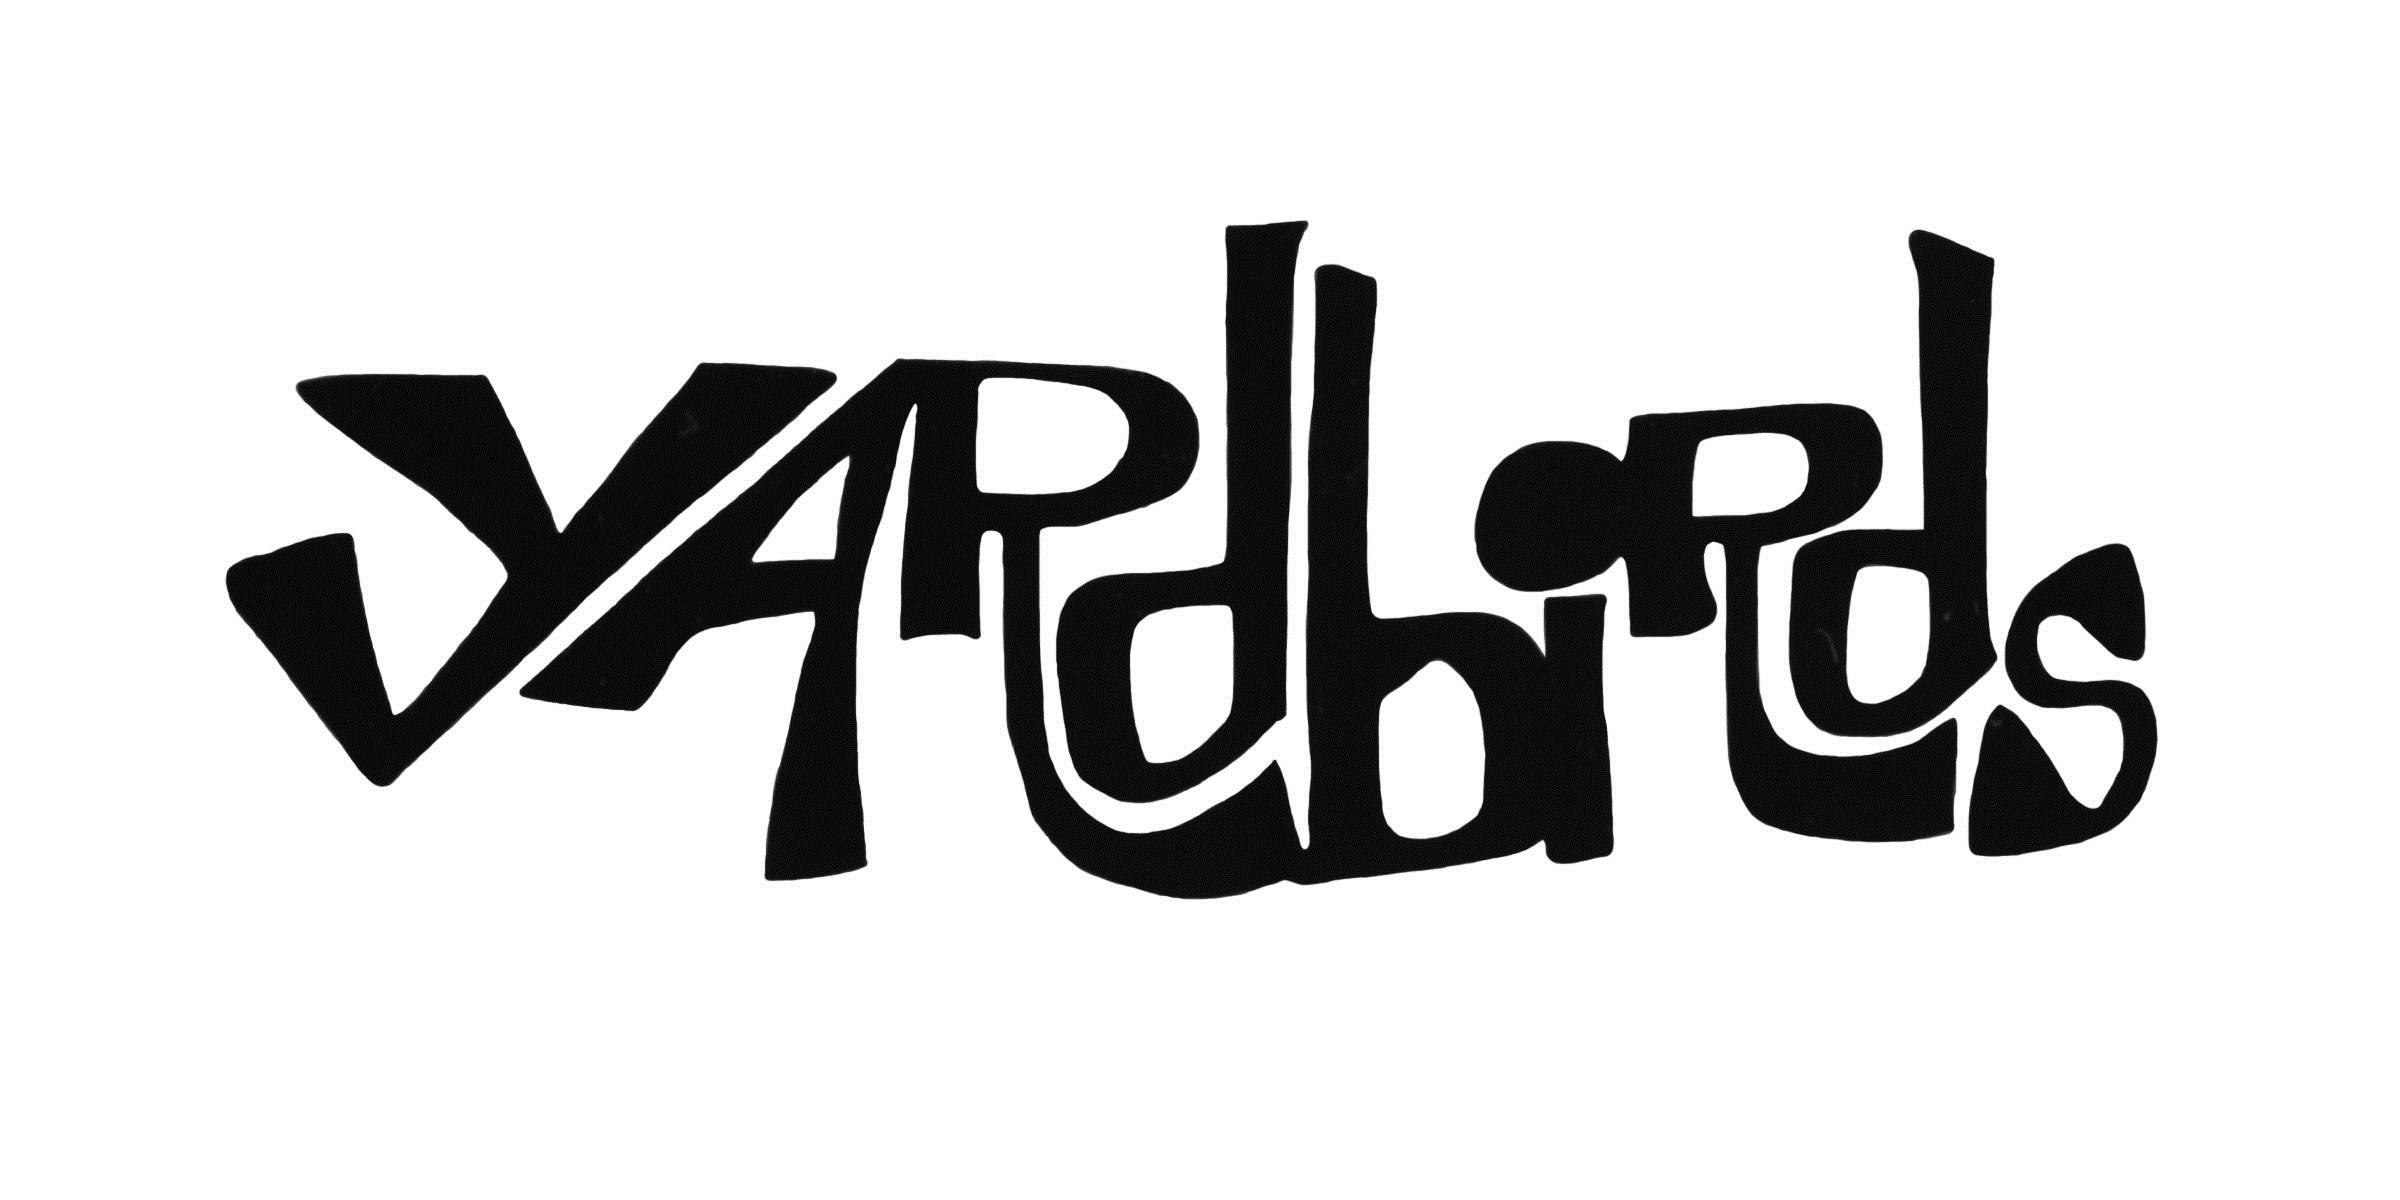 Y1 — The Yardbirds — BandLogoJukeBox